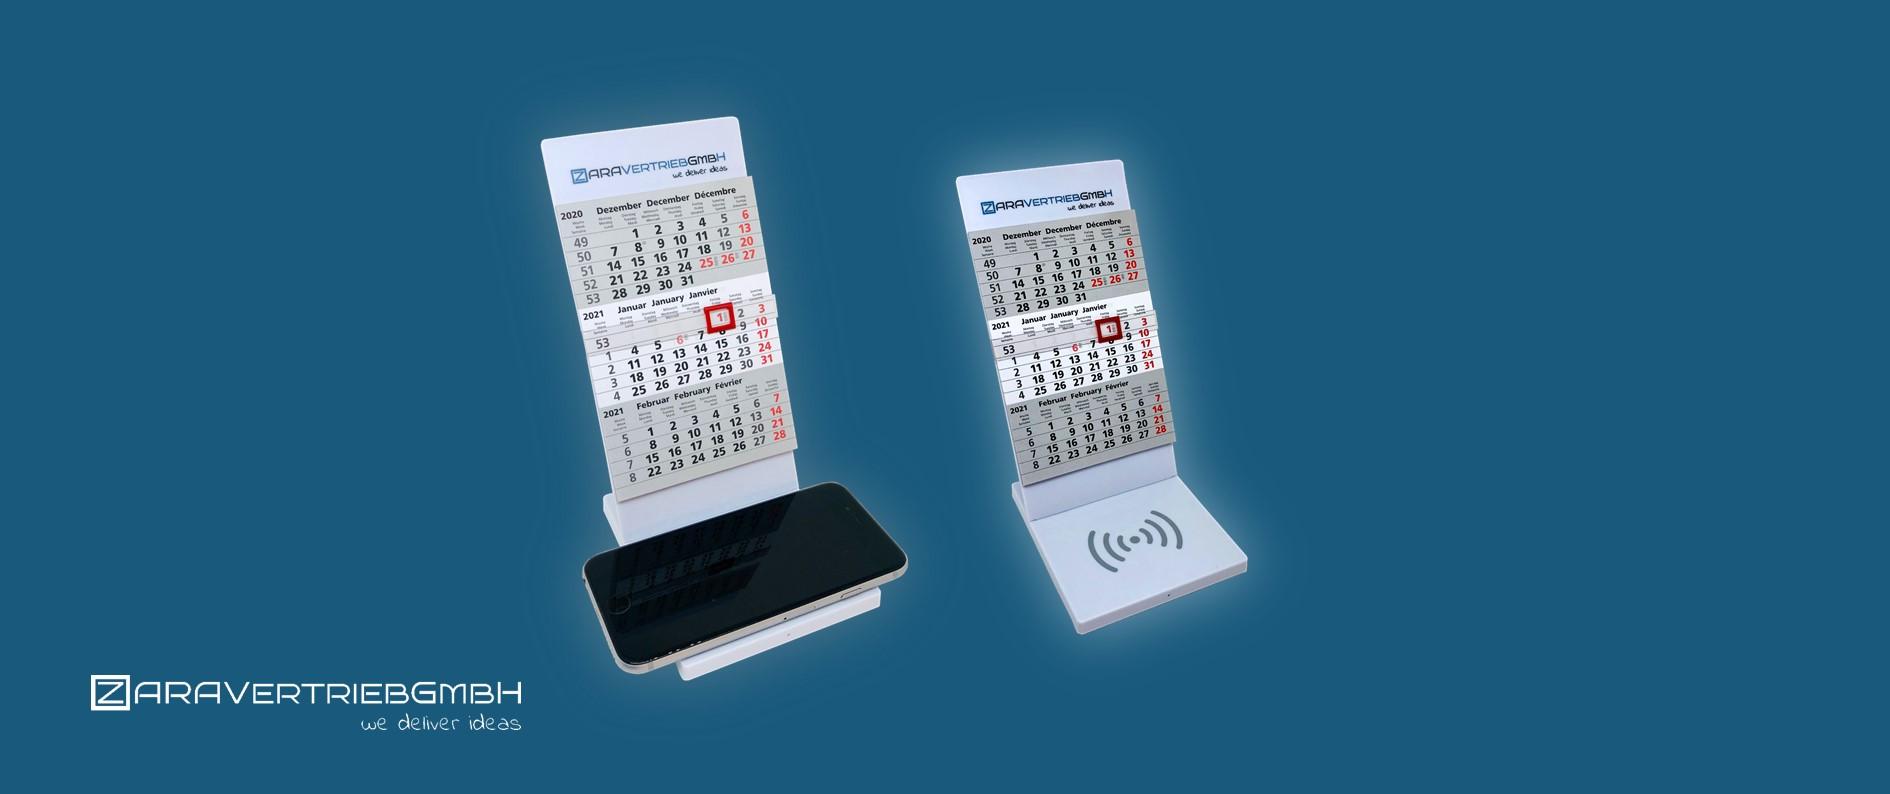 Kombinieren Sie analoge Werte mit digitalem Fortschritt! 05.10.2020